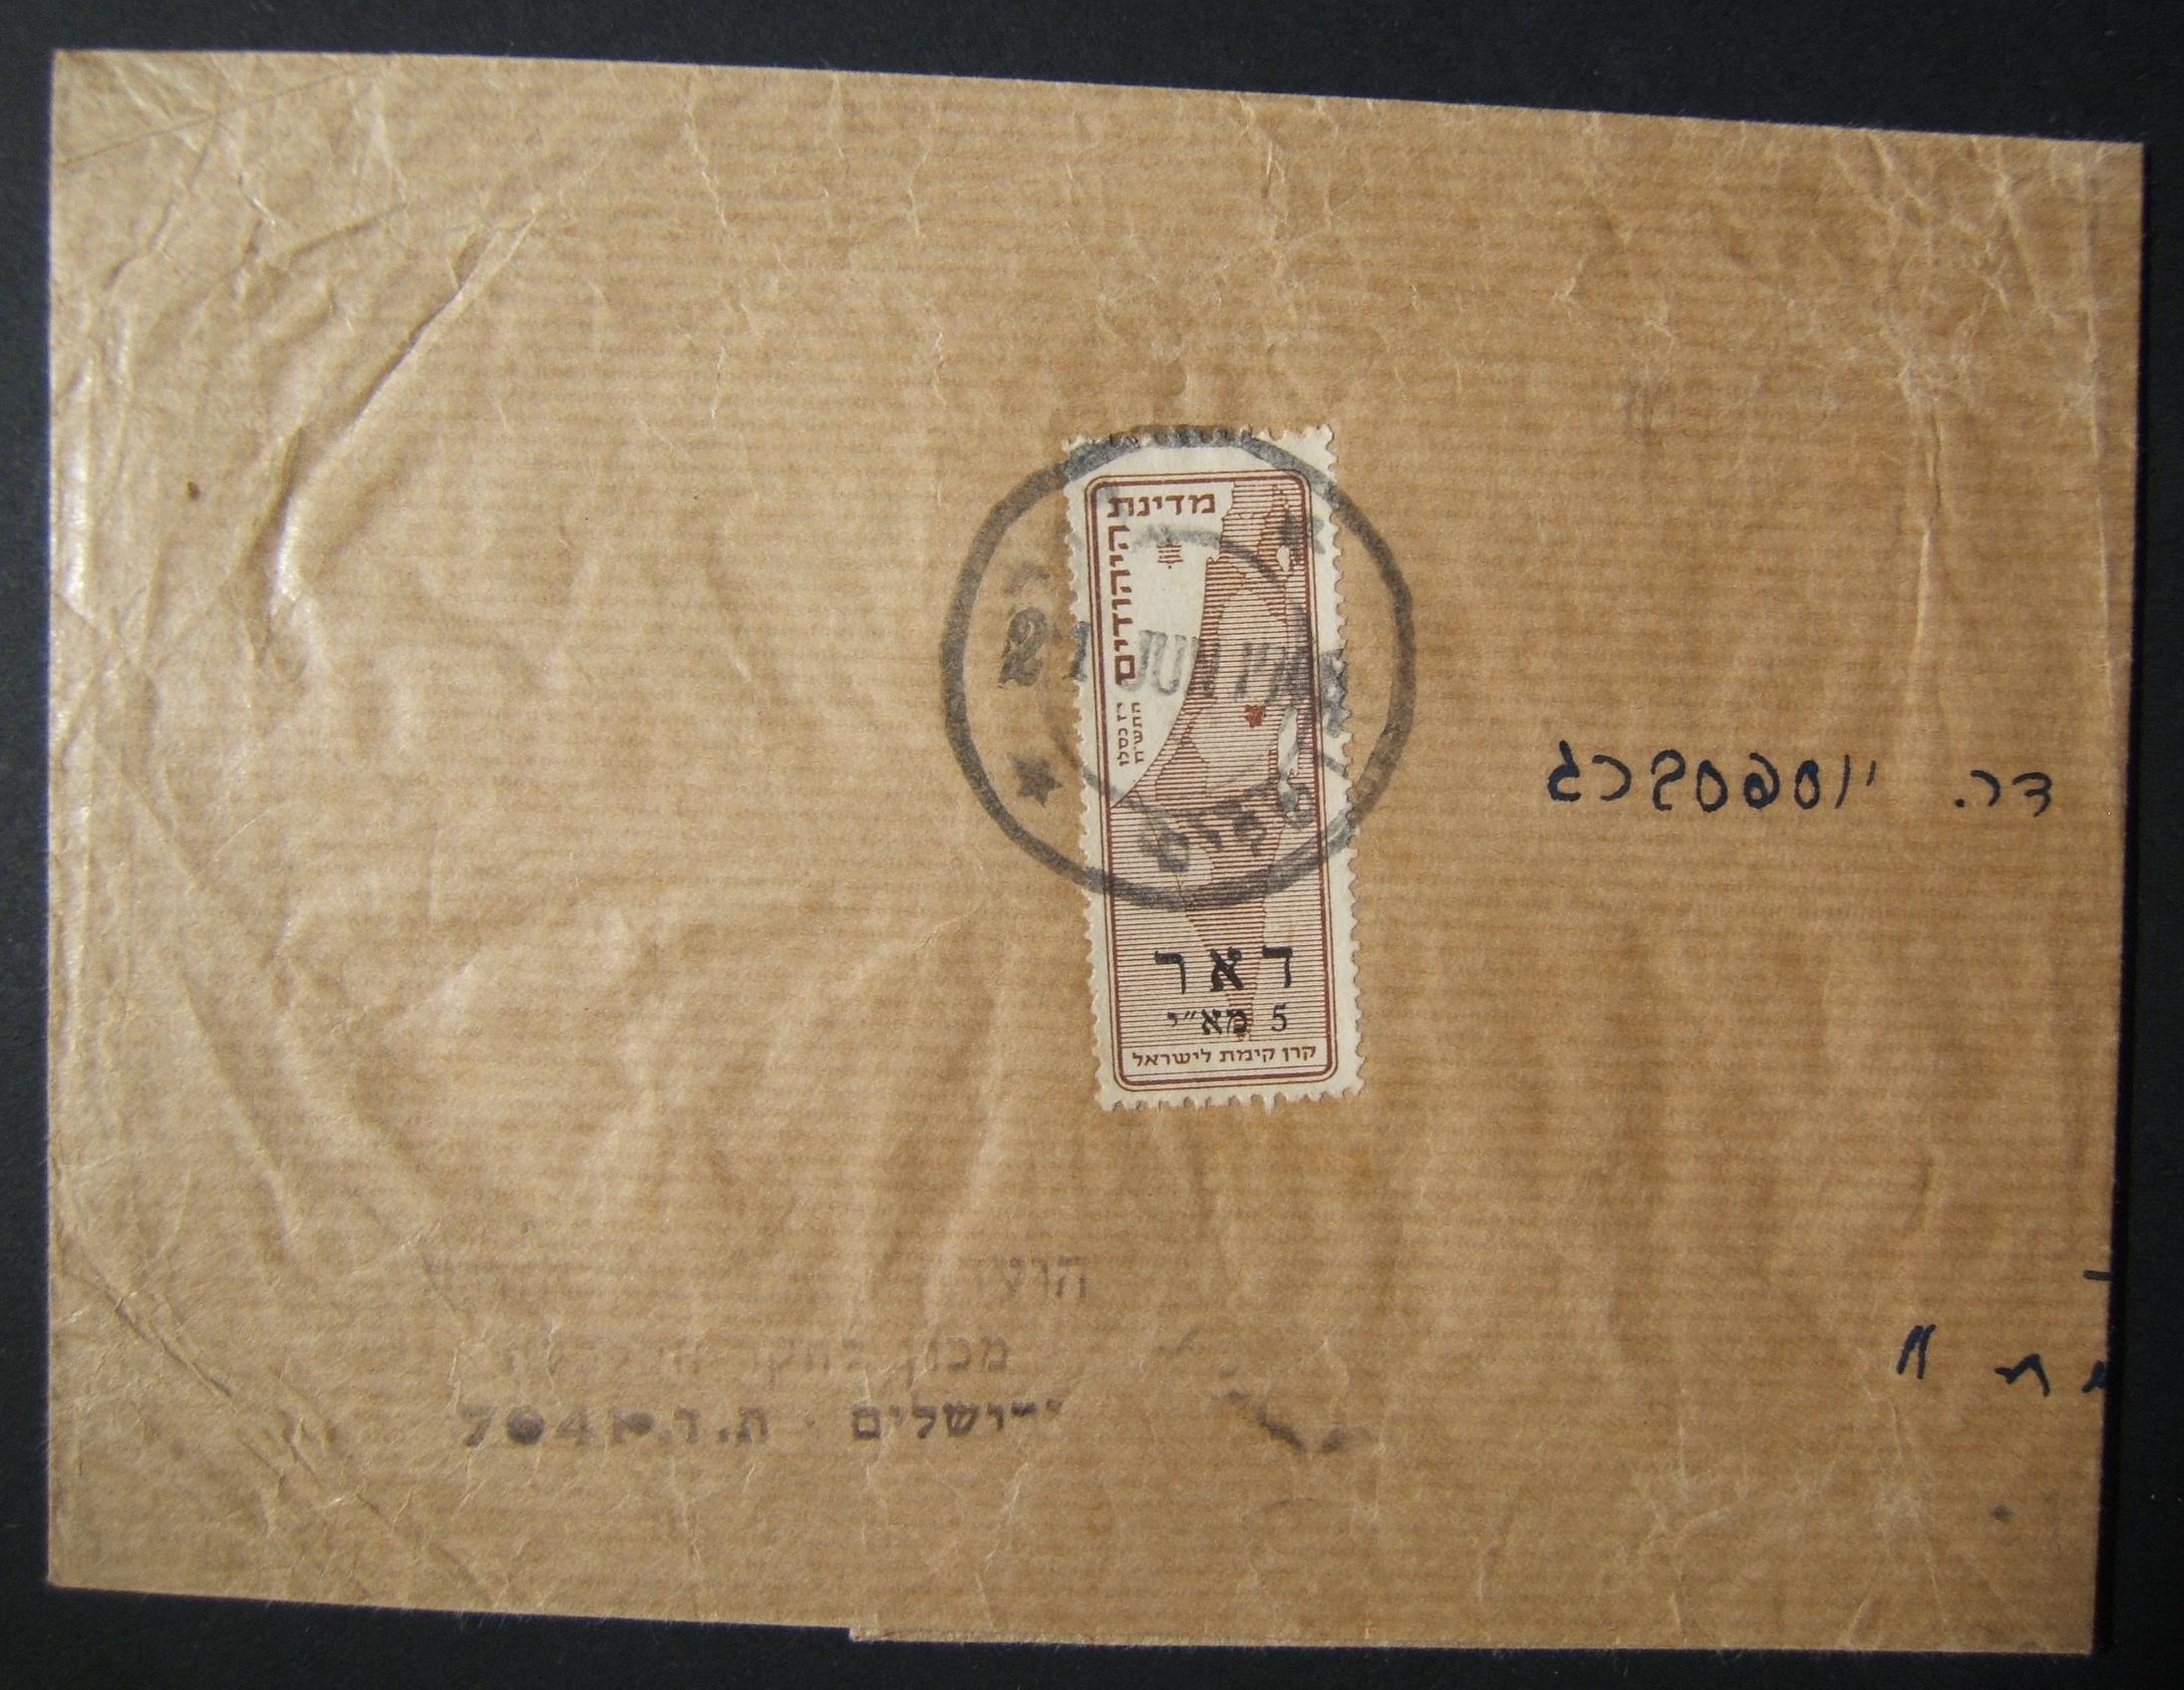 1948 דואר ירושלמי בדואר אלקטרוני לפתח תקוה